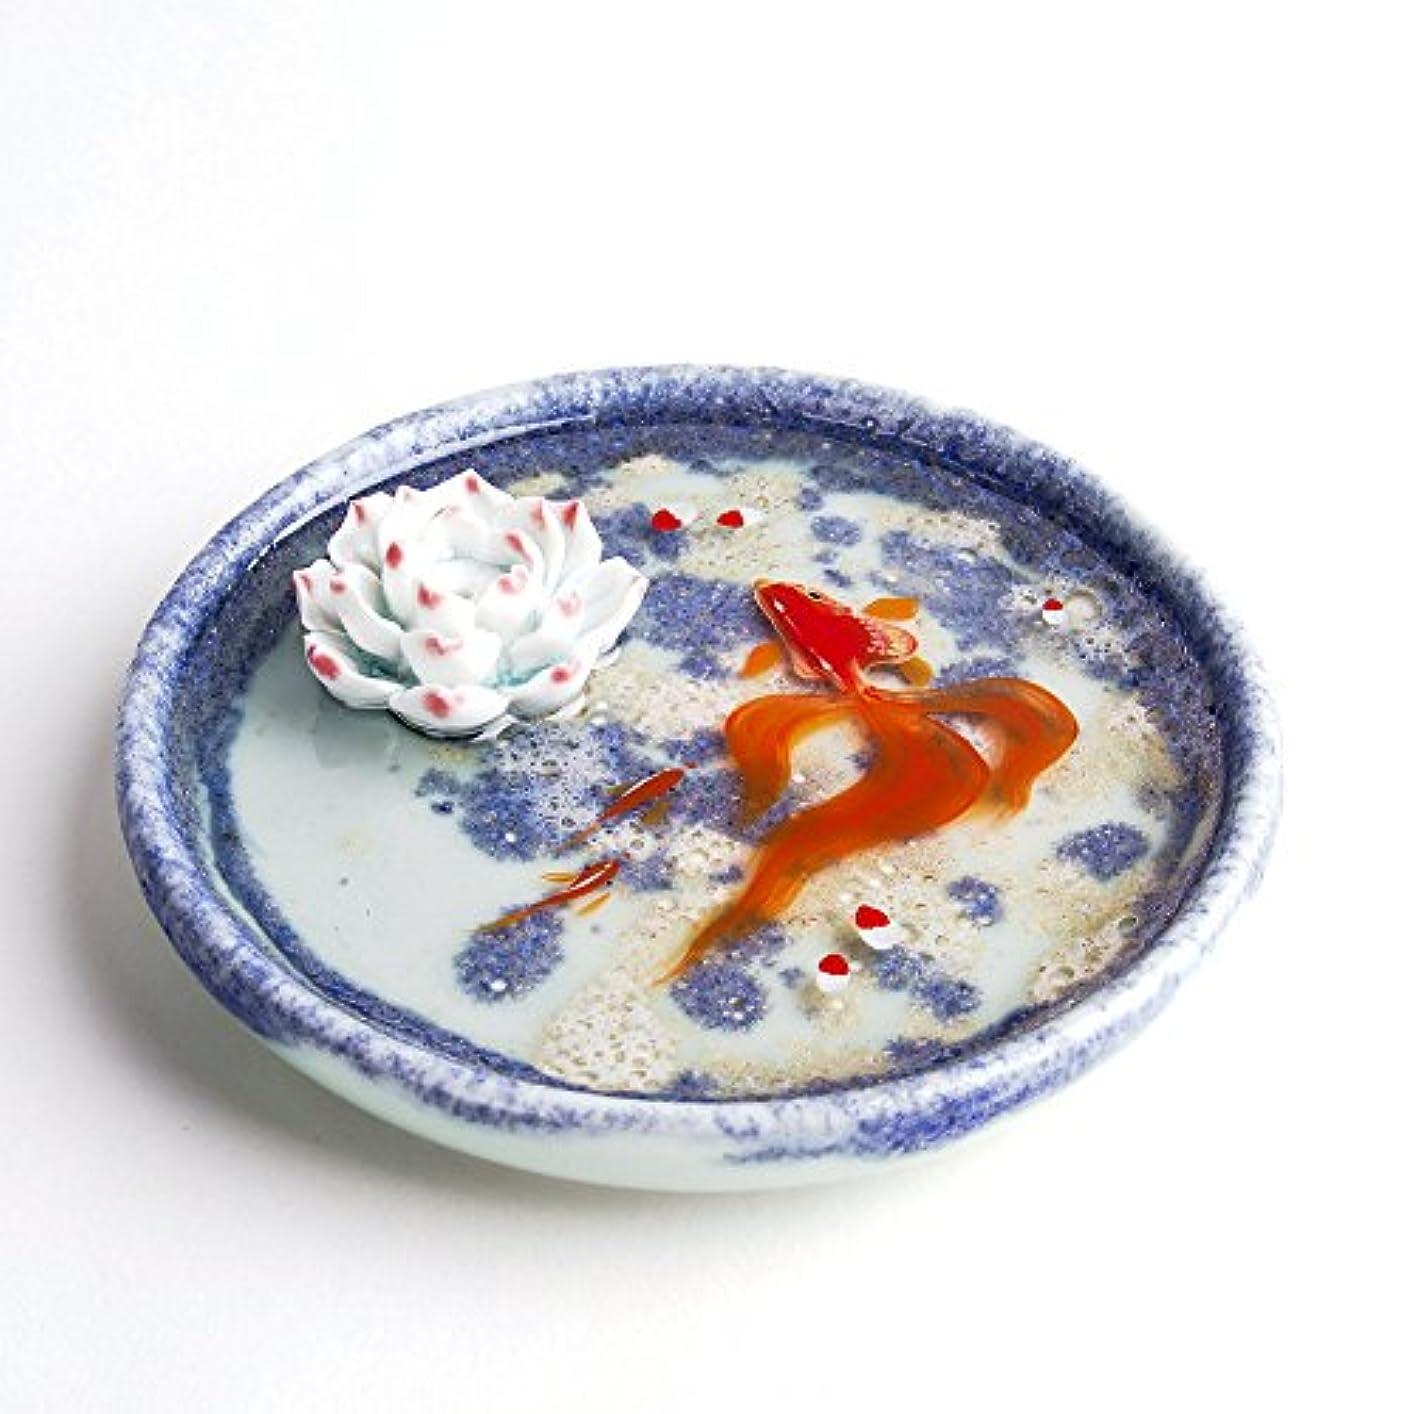 緯度ゴミ箱を空にする年金受給者お香立て お香たて 香の器 お香を焚いて 香皿,陶磁器、ブルー